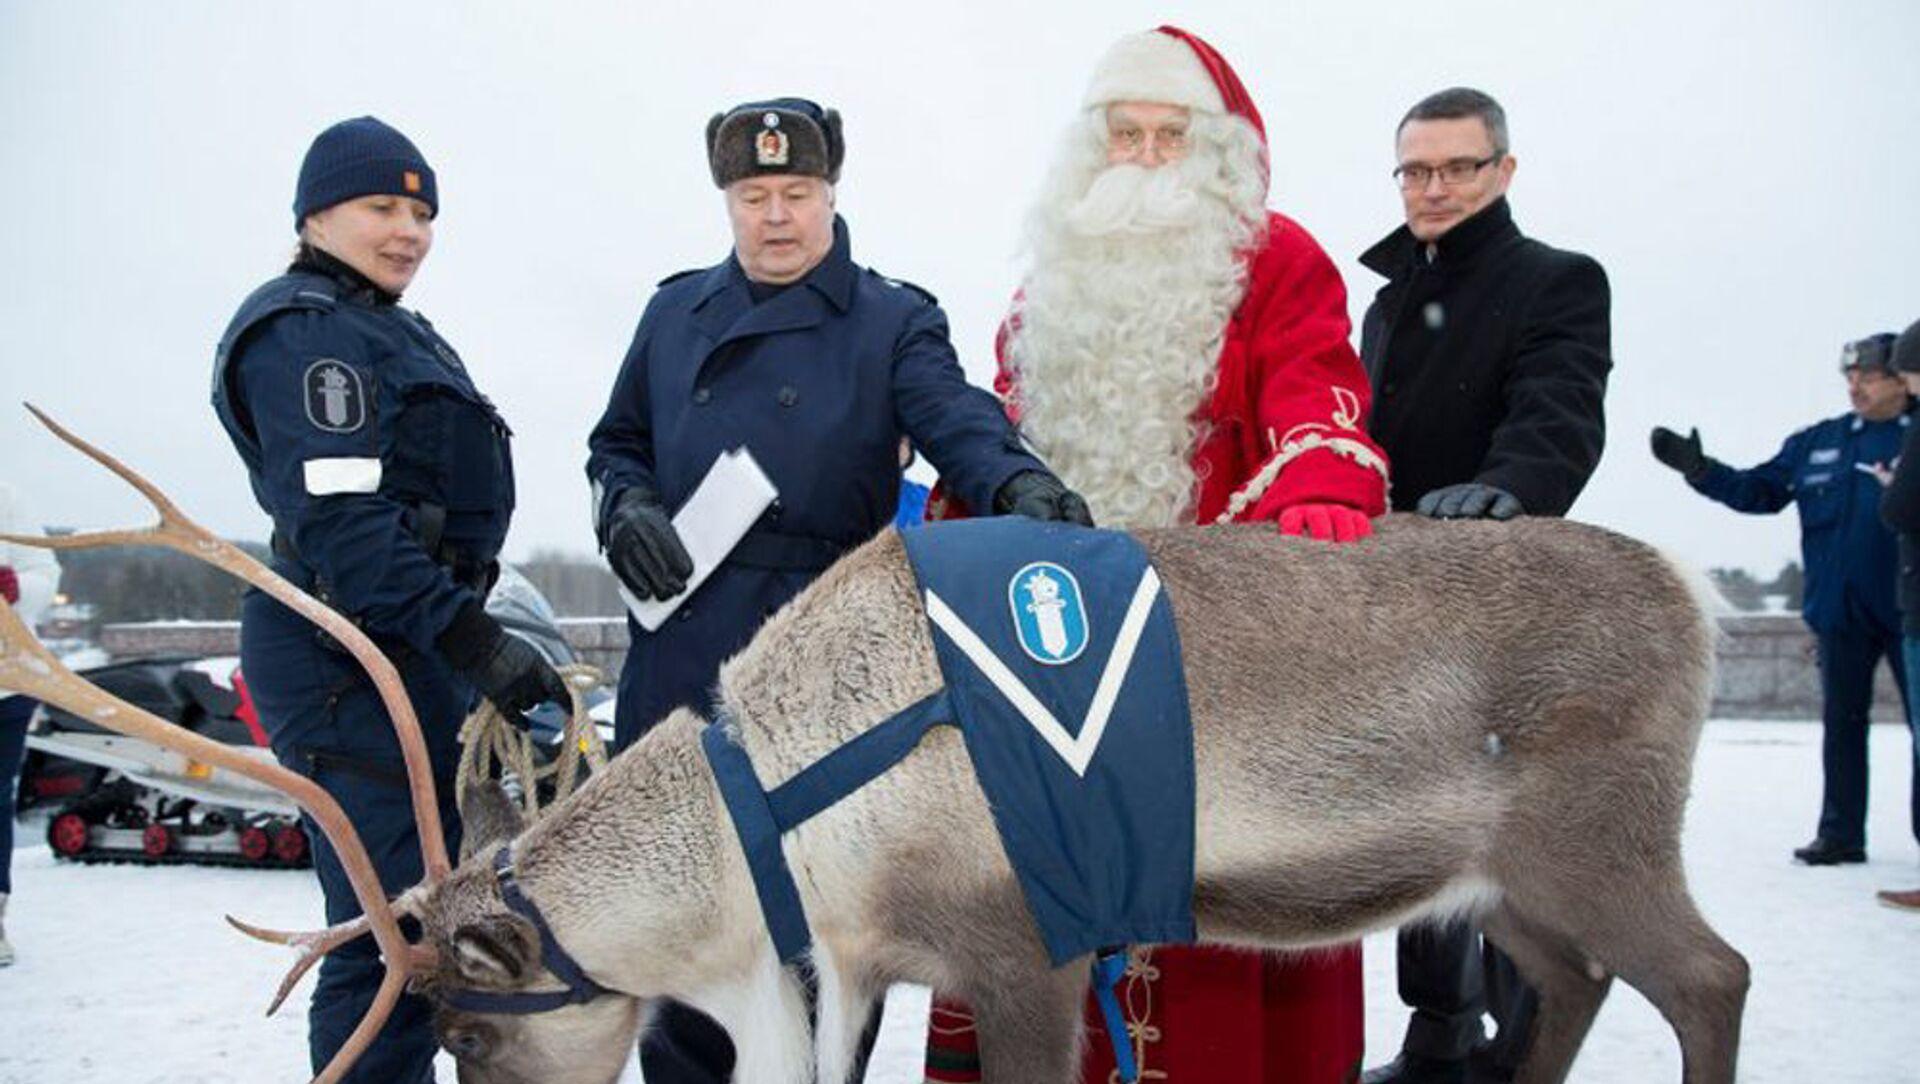 Renne al servizio della polizia della Lapponia finlandese - Sputnik Italia, 1920, 14.04.2021